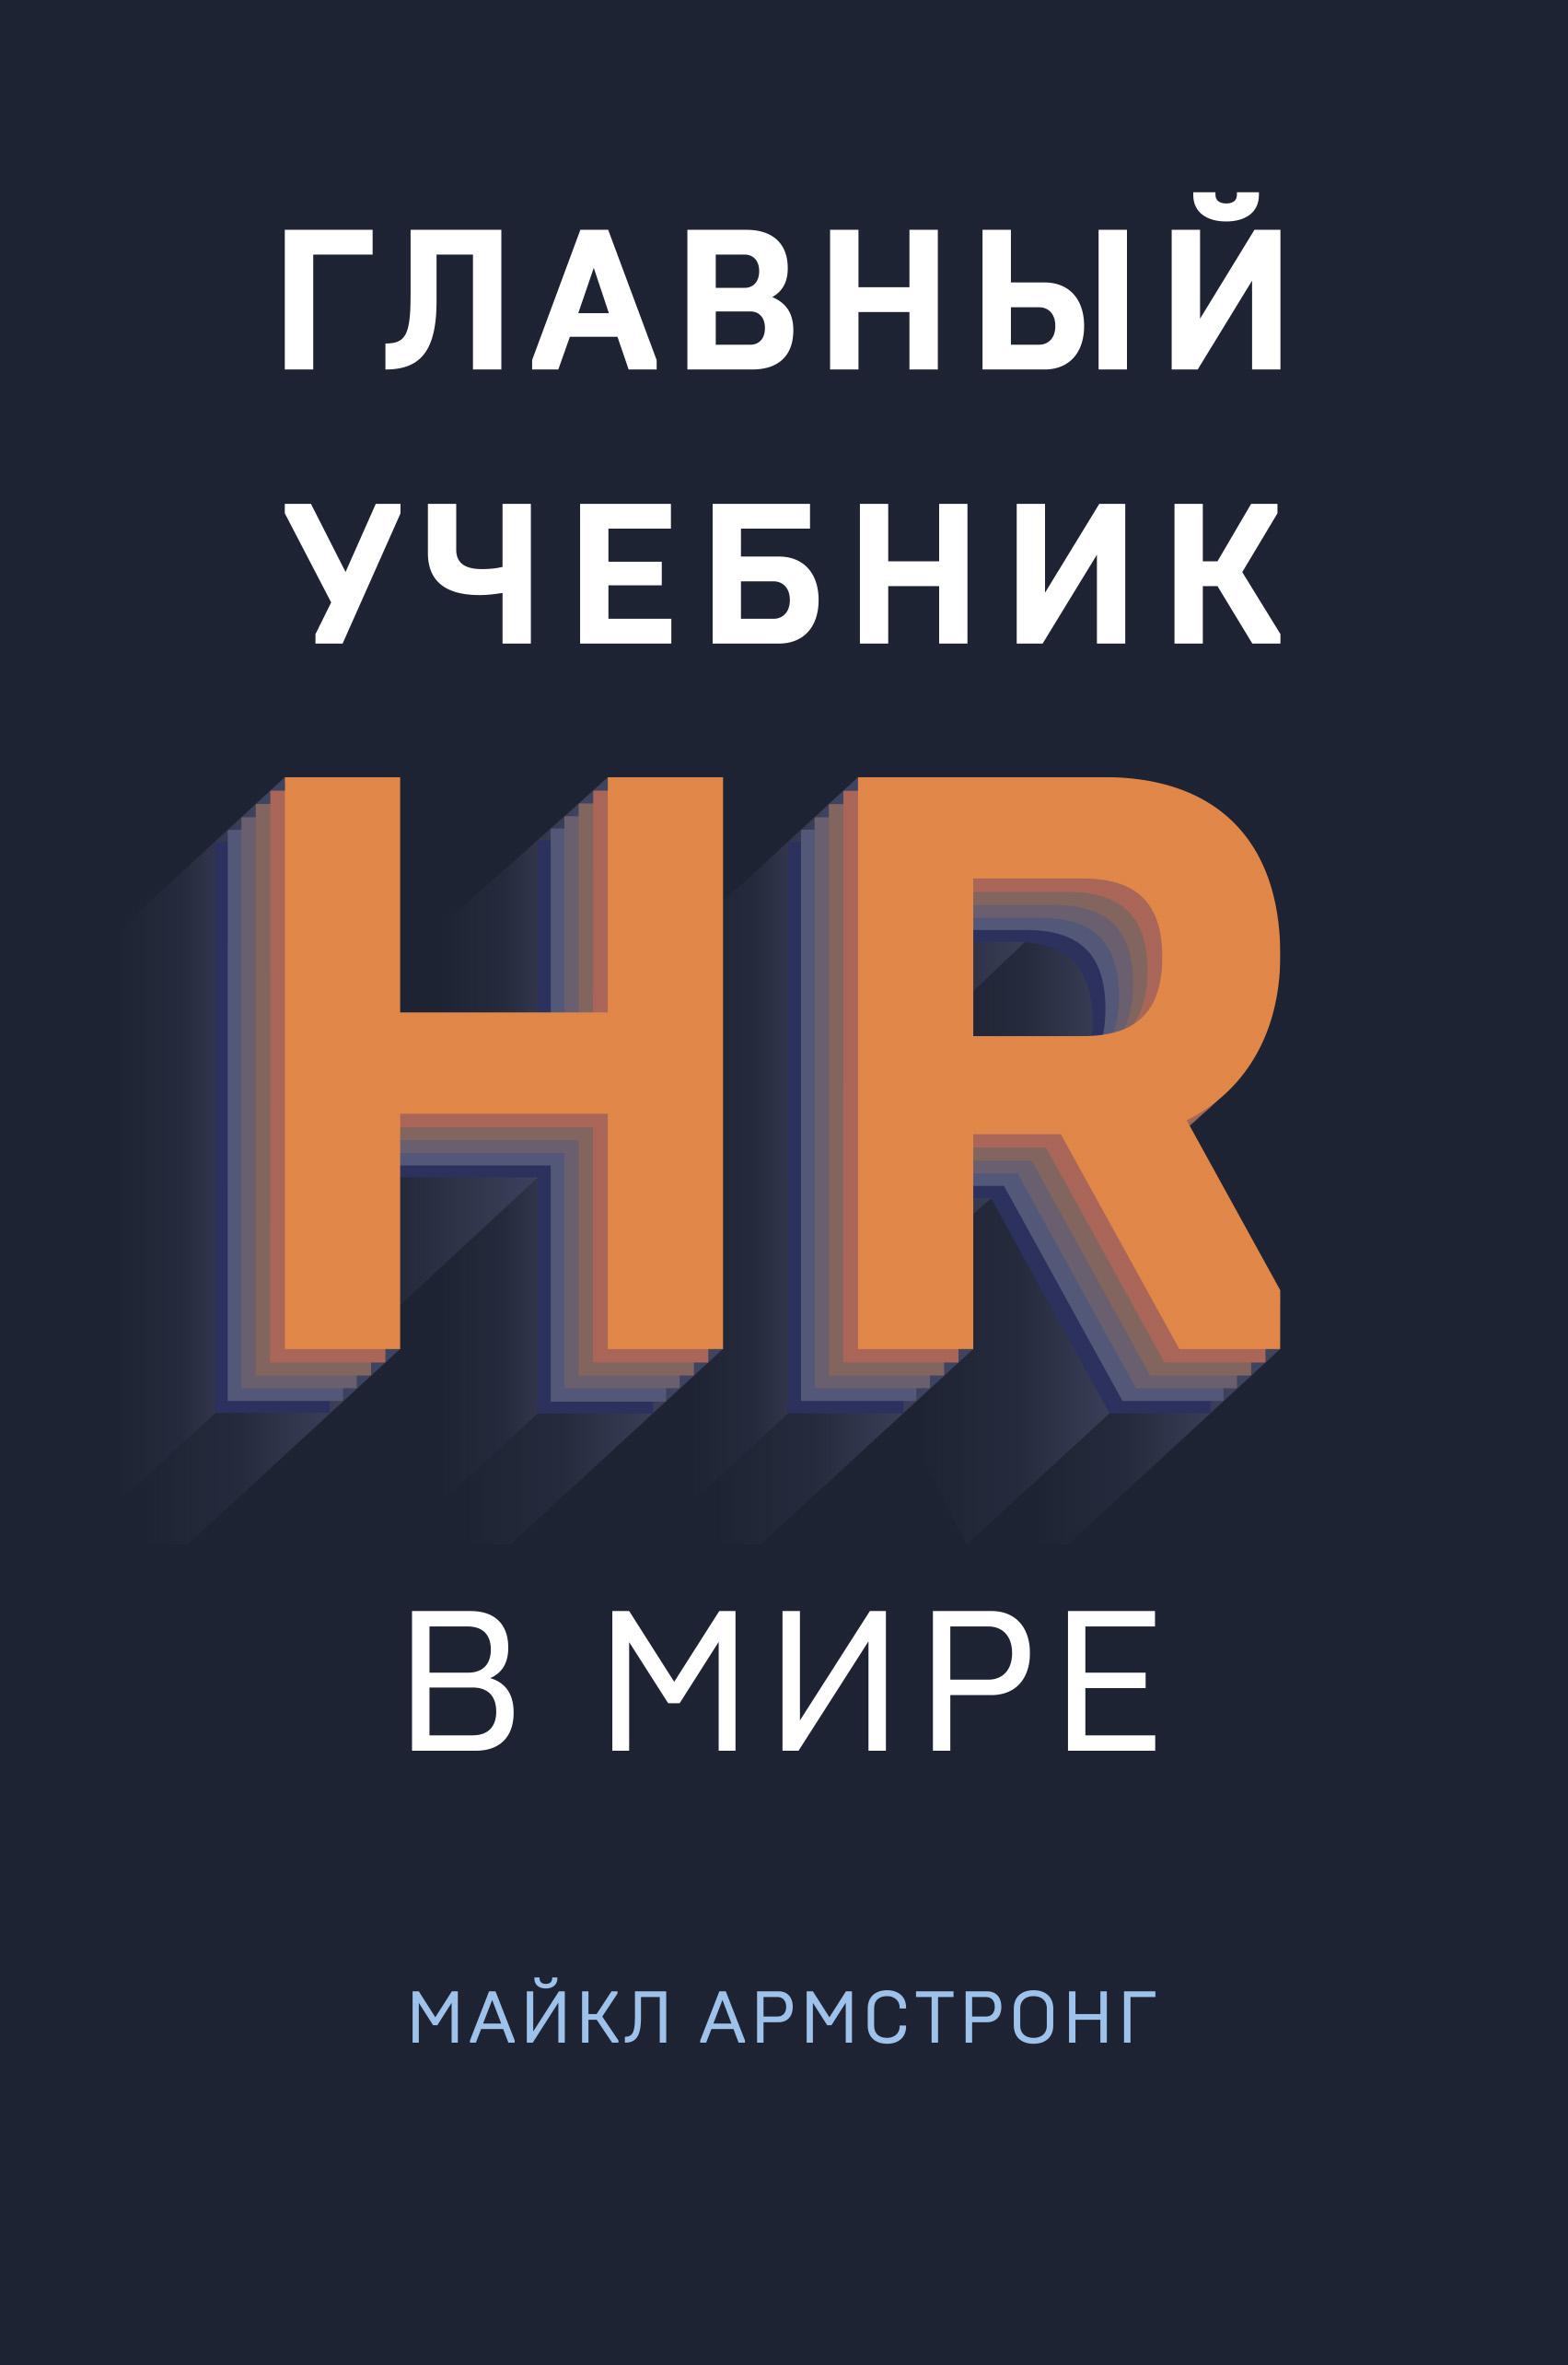 Обложка книги Главный учебник HR в мире